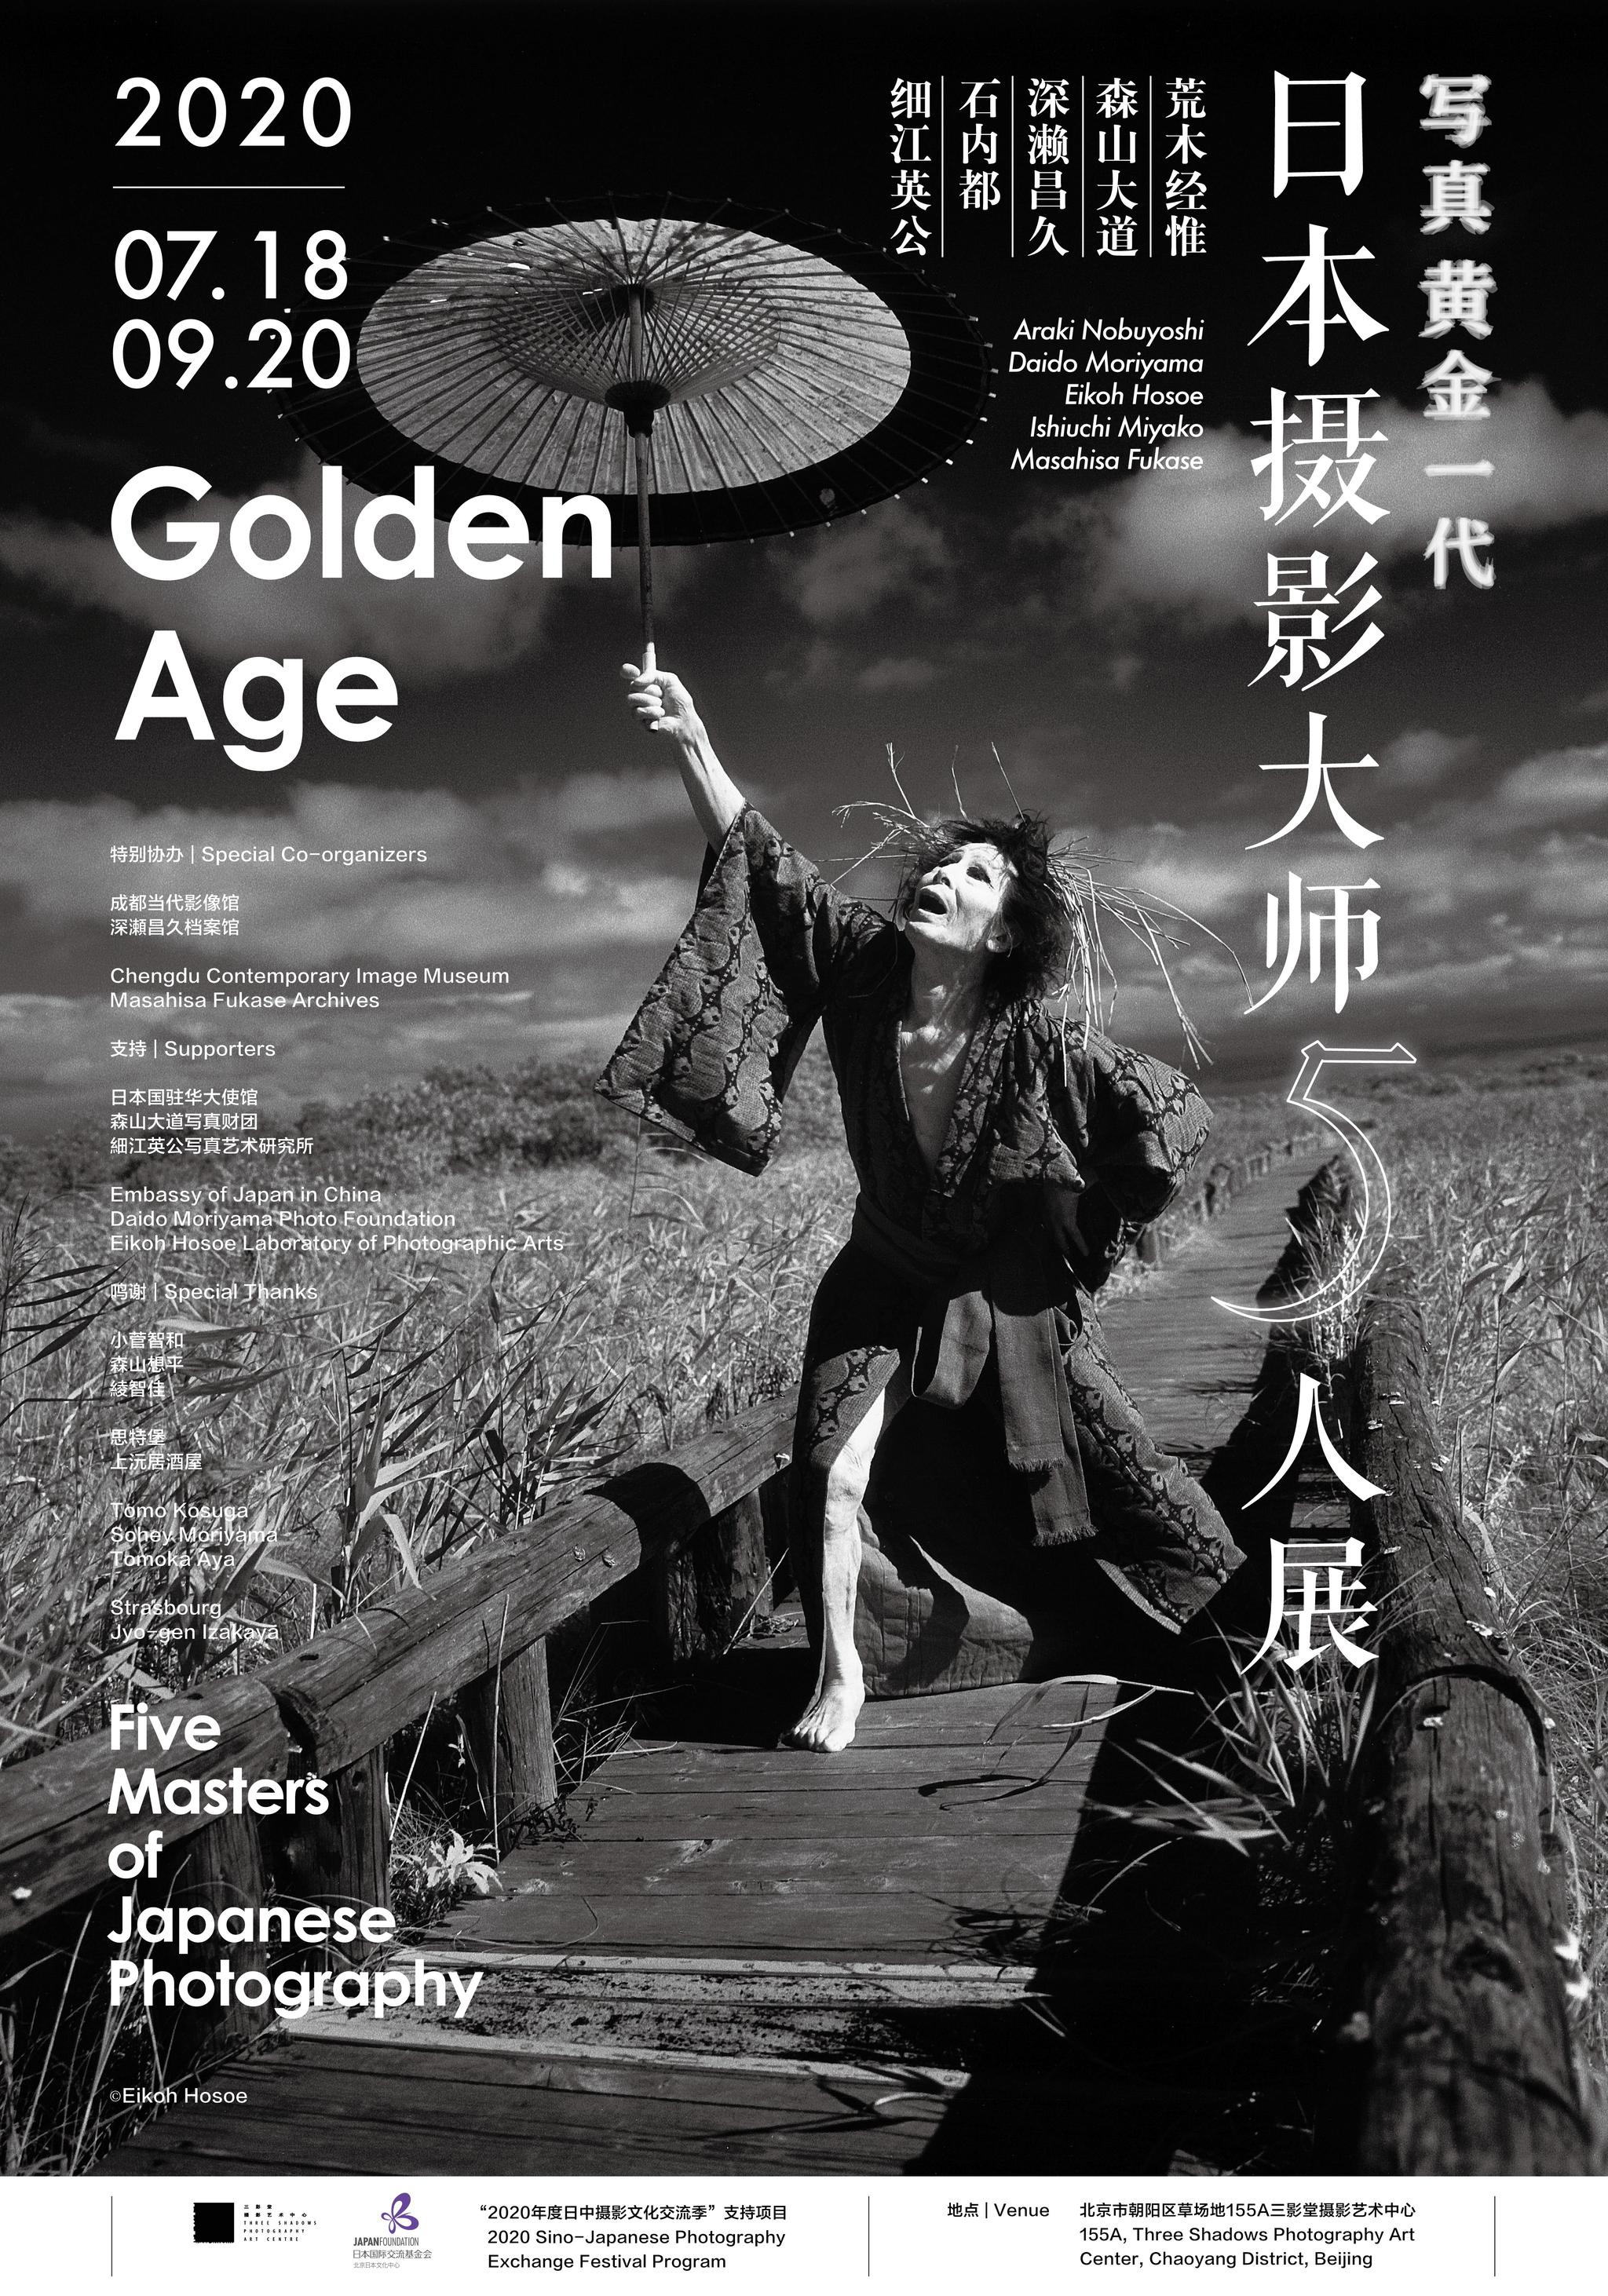 荒木经惟等5位日本摄影大师经典作品7月亮相三影堂图片